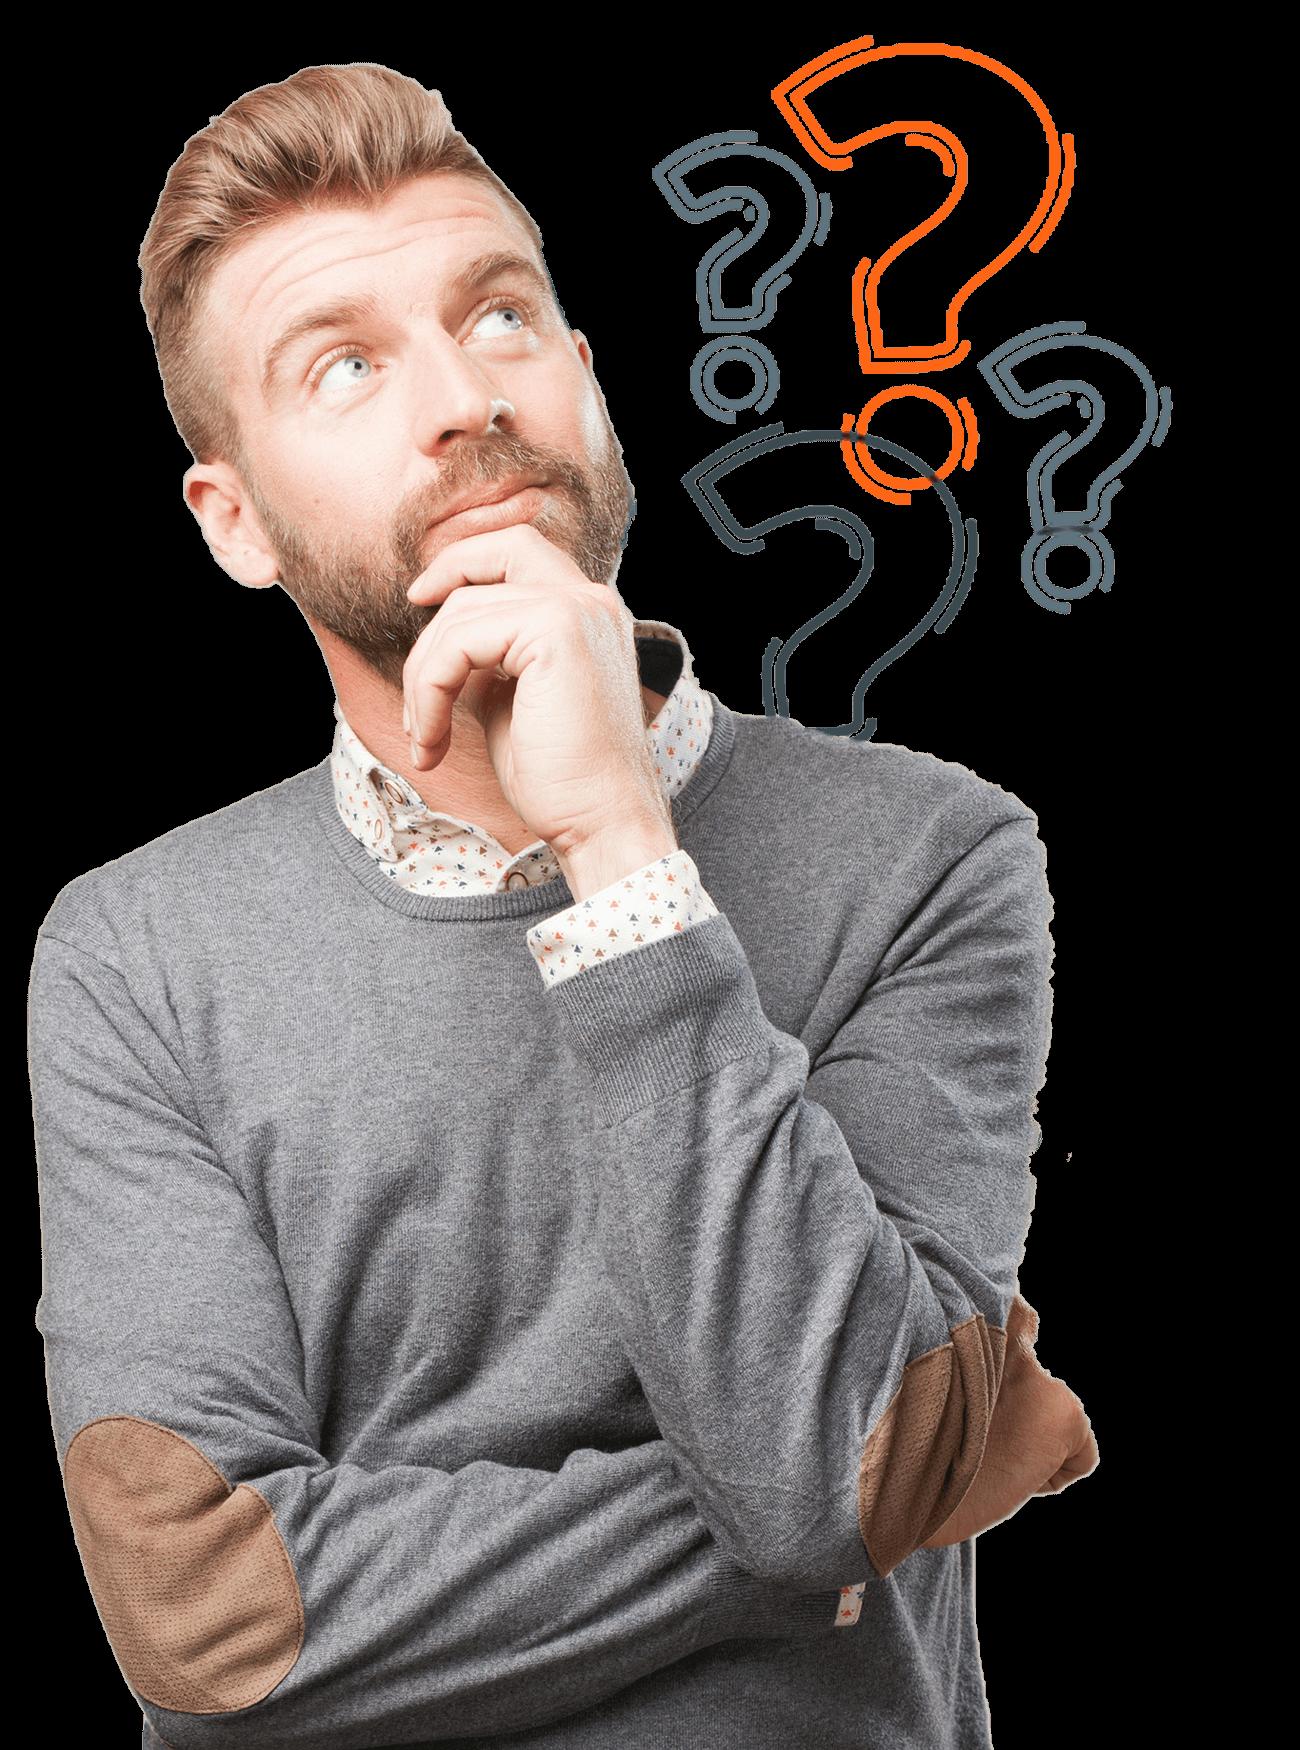 שאלות נפוצות שעולות אצל בן אדם בחולצה אפורה עם סימיני שאלה מהצד הימני שלו בעת הסתכלות על השירותים של בייט טכנולוגיה